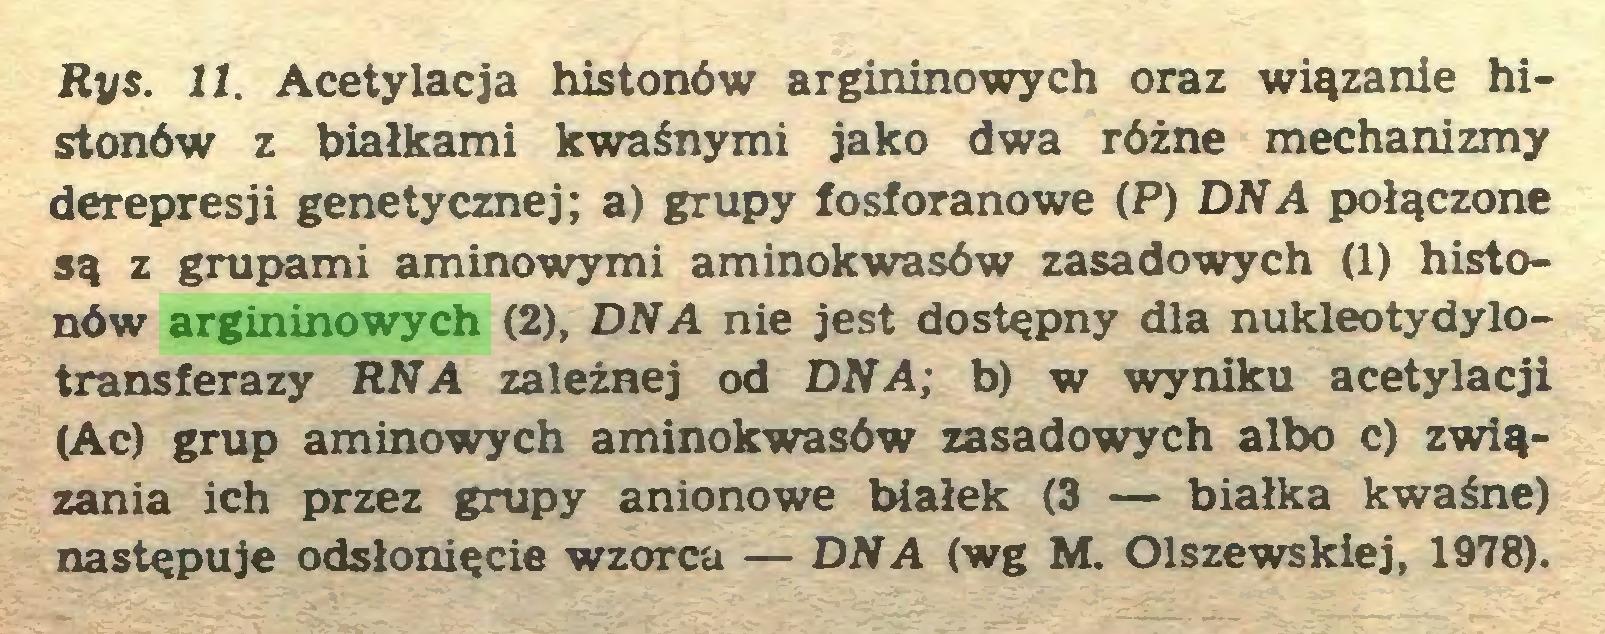 (...) Rys. 11. Acetylacja histonów argininowych oraz wiązanie histonów z białkami kwaśnymi jako dwa różne mechanizmy derepresji genetycznej; a) grupy fosforanowe (P) DNA połączone są z grupami aminowymi aminokwasów zasadowych (1) histonów argininowych (2), DNA nie jest dostępny dla nukleotydylotransferazy RN A zależnej od DNA; b) w wyniku acetylacji (Ac) grup aminowych aminokwasów zasadowych albo c) związania ich przez grupy anionowe białek (3 — białka kwaśne) następuje odsłonięcie wzorca — DNA (wg M. Olszewskiej, 1978)...